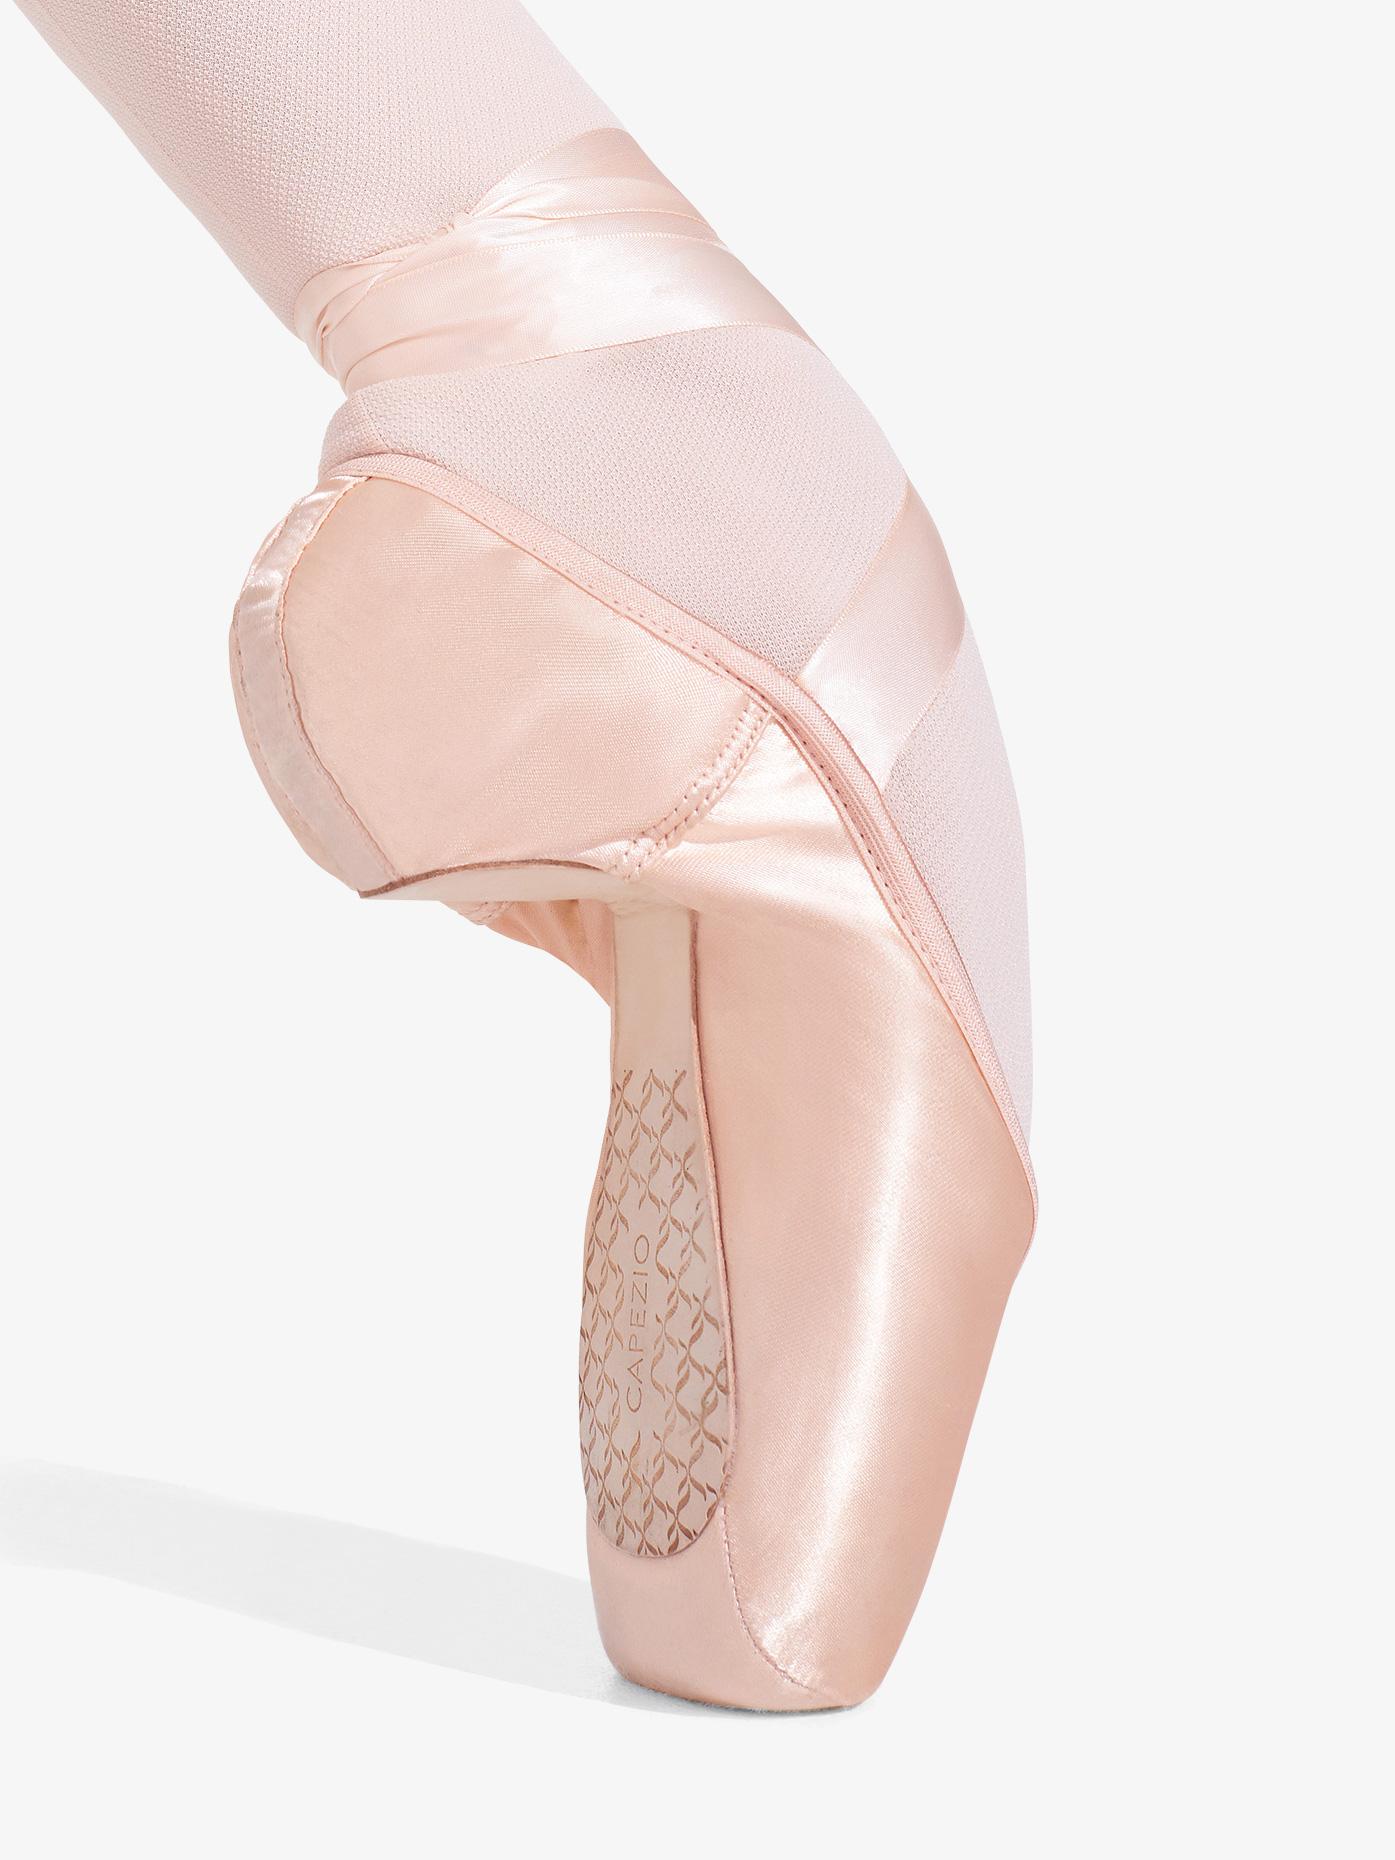 Capezio Womens Cambre Broad Toe #4 Shank Pointe Shoes 1128W